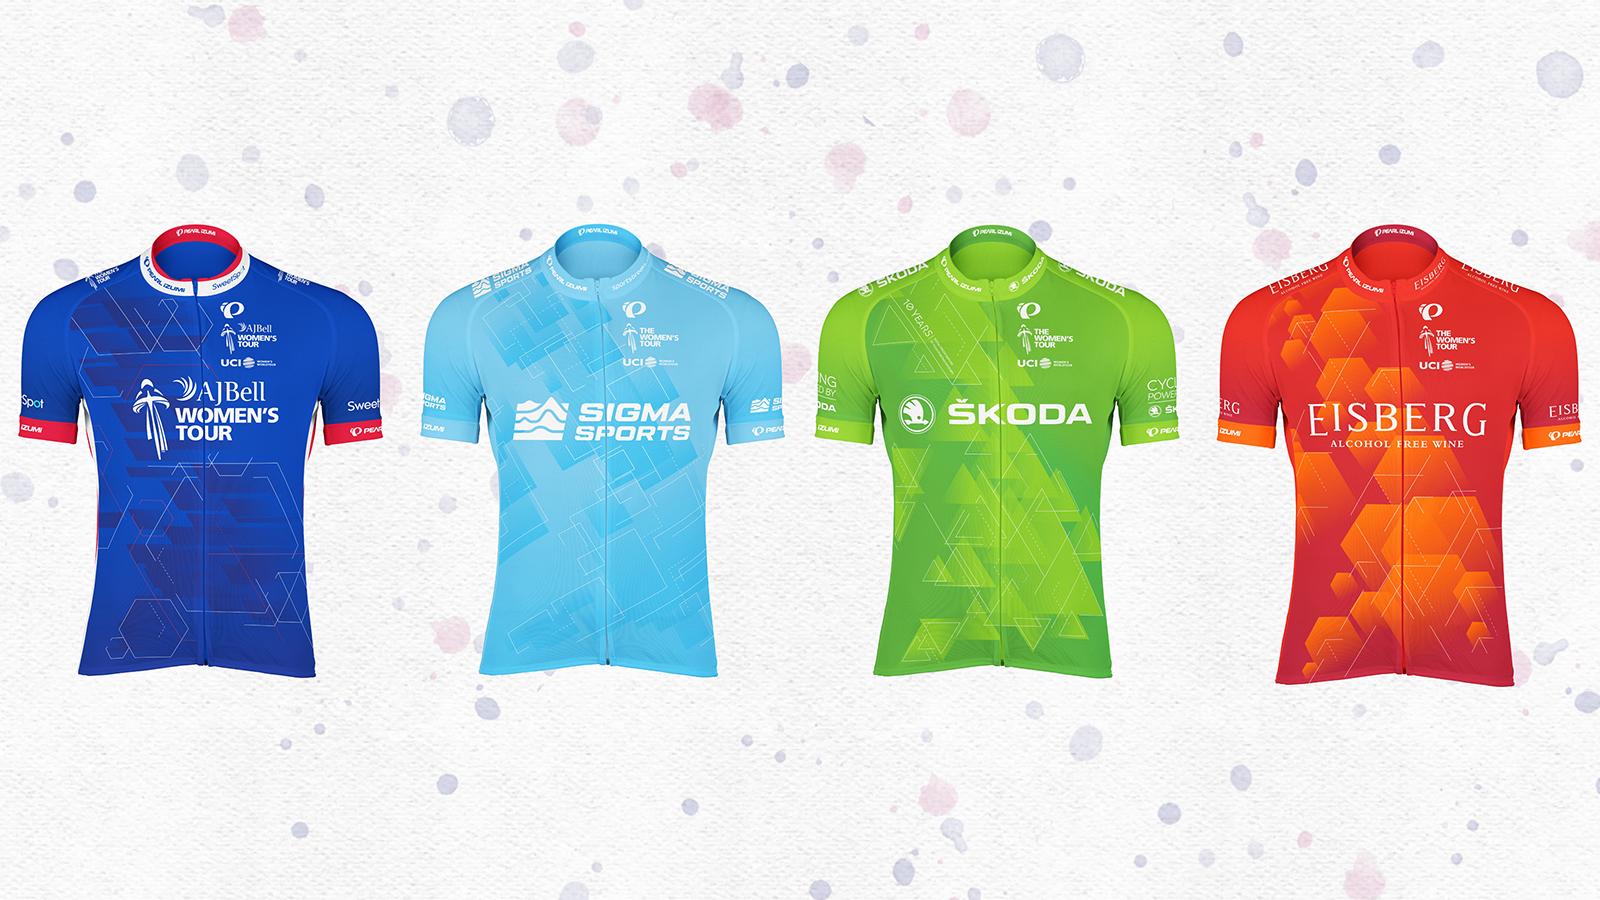 Women's Tour jerseys